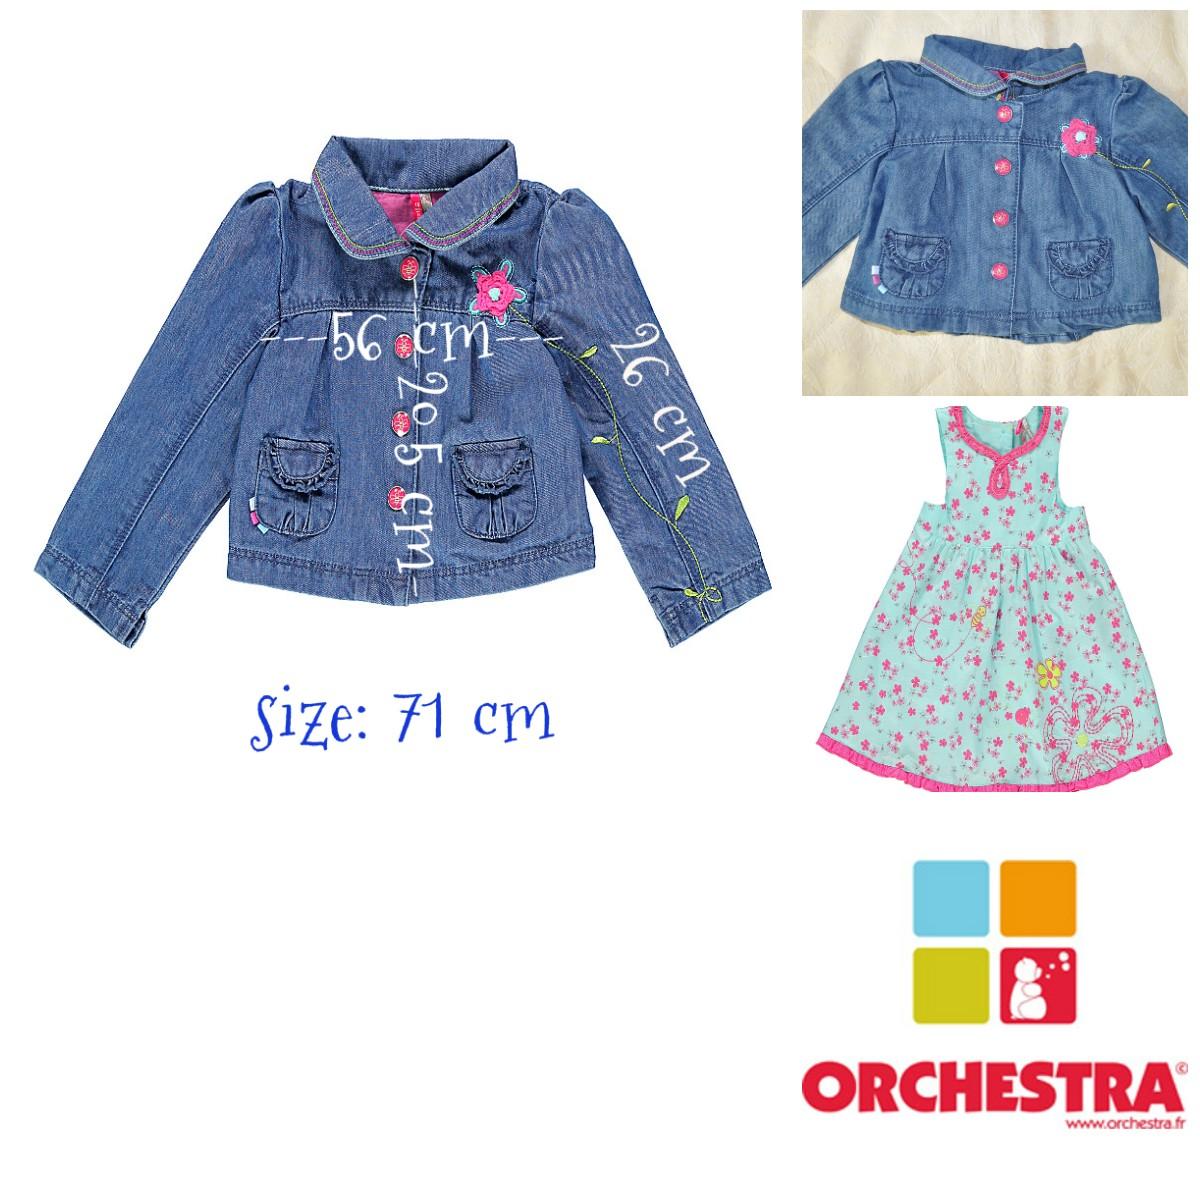 Джинсовый пиджак для девочки 9 мес. марки Orchestra